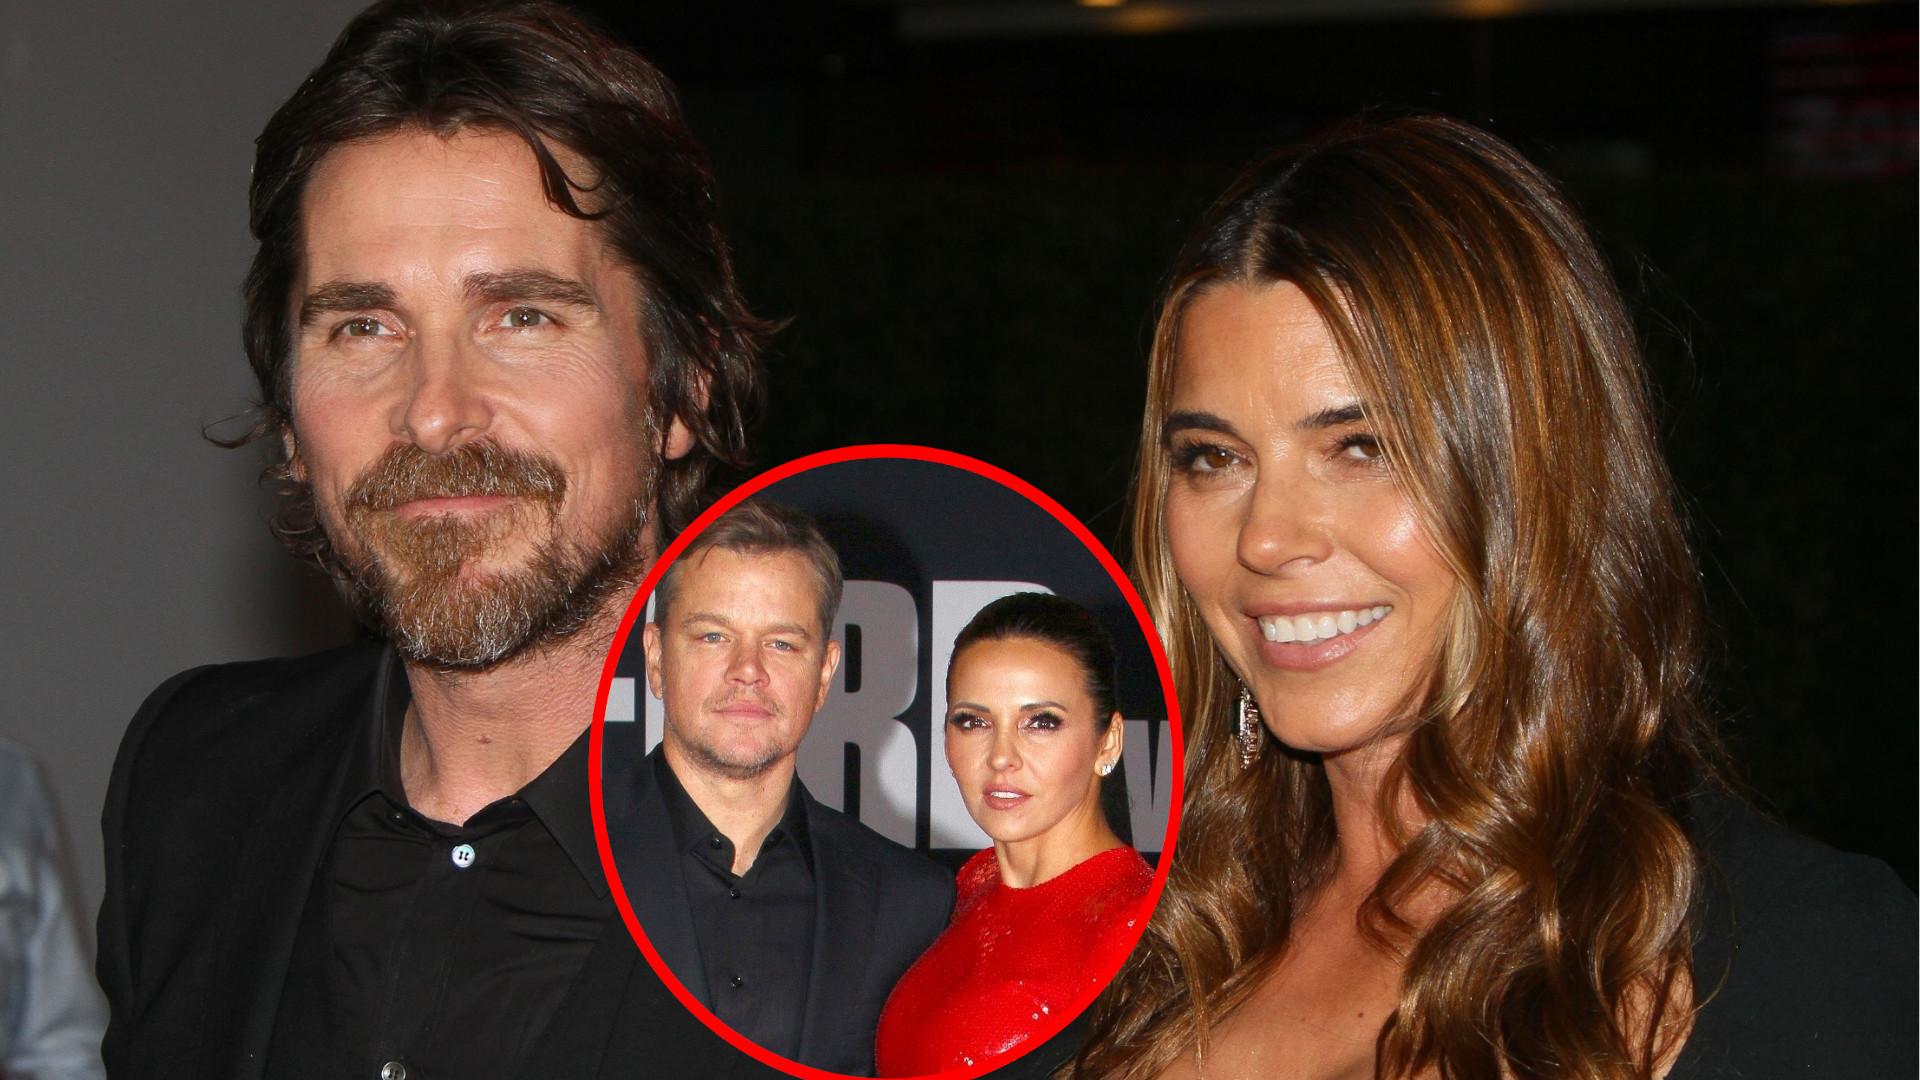 Christian Bale i Matt Damon ze swoimi żonami na pokazie filmu (ZDJĘCIA)